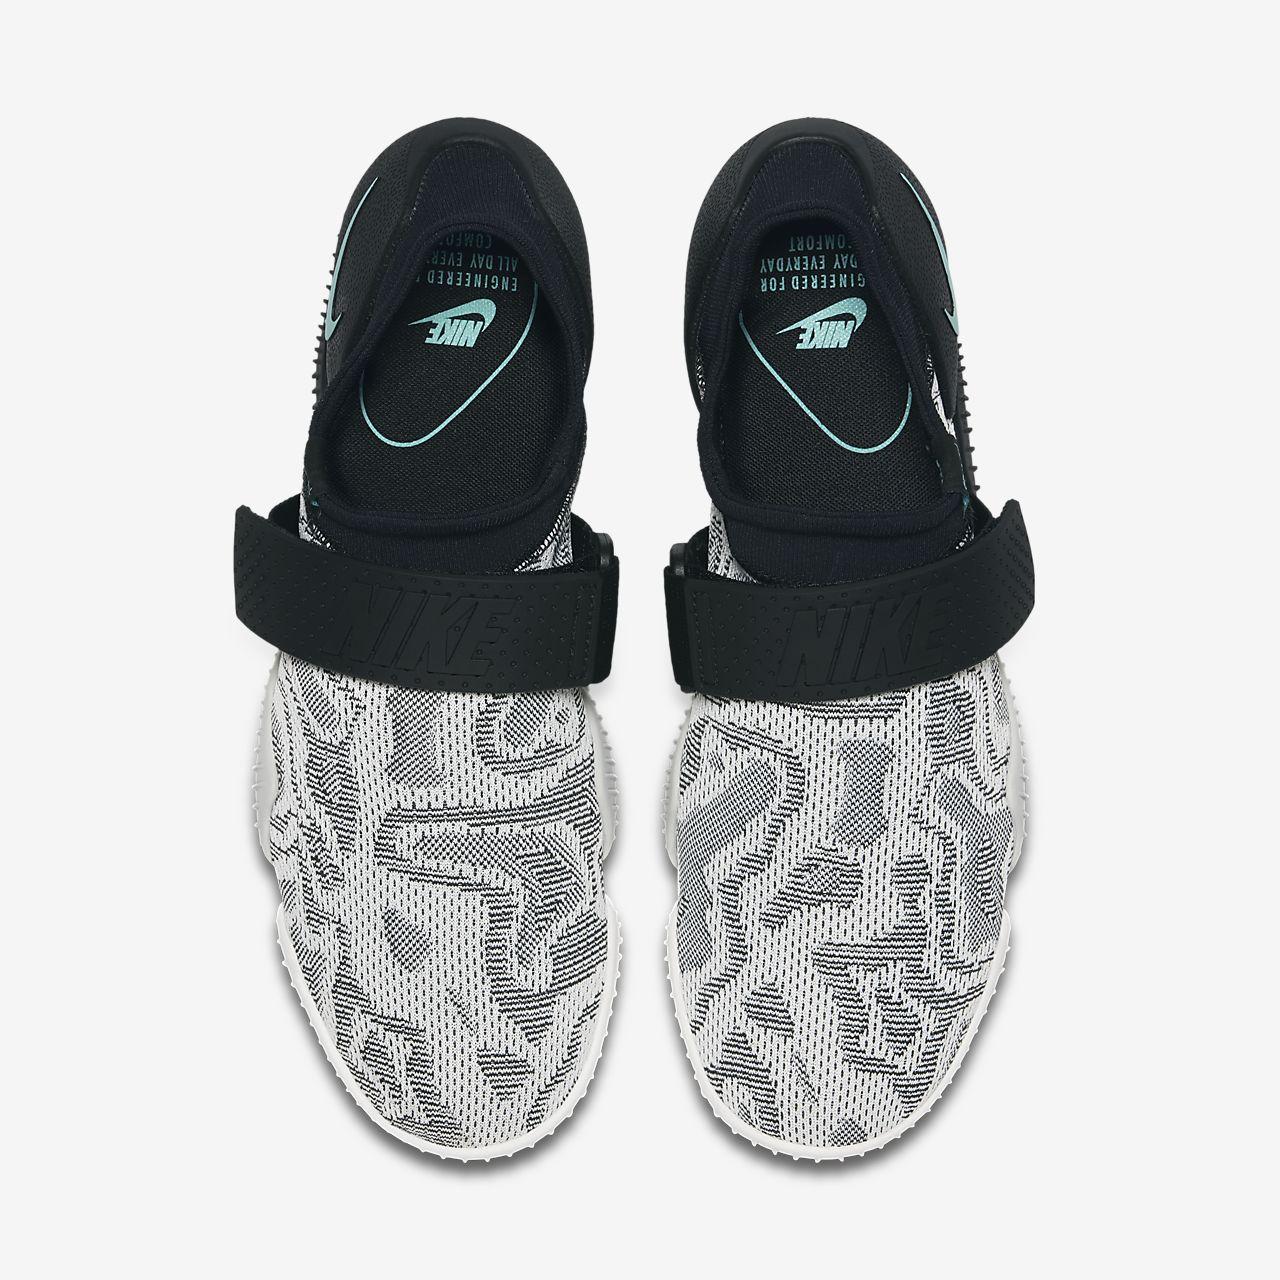 Nikelab Aqua Sock 360 Qs Men S Shoe Nike Com Sg